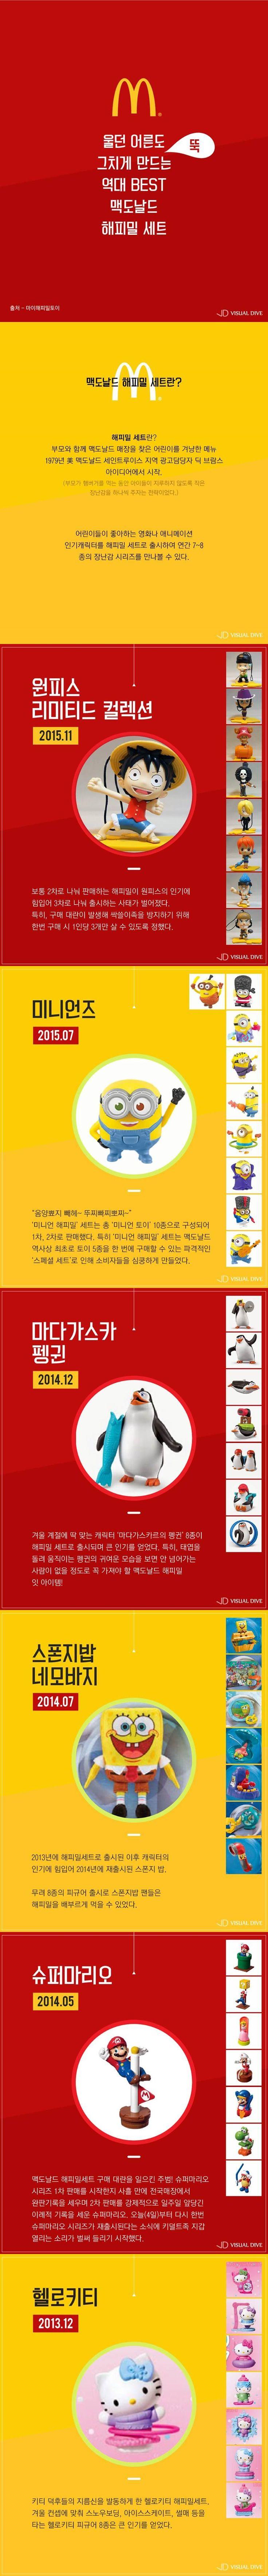 어른이 더 좋아하는 '역대 맥도날드 해피밀 세트' [카드뉴스] #Kidult / #Cardnews ⓒ 비주얼다이브 무단 복사·전재·재배포 금지